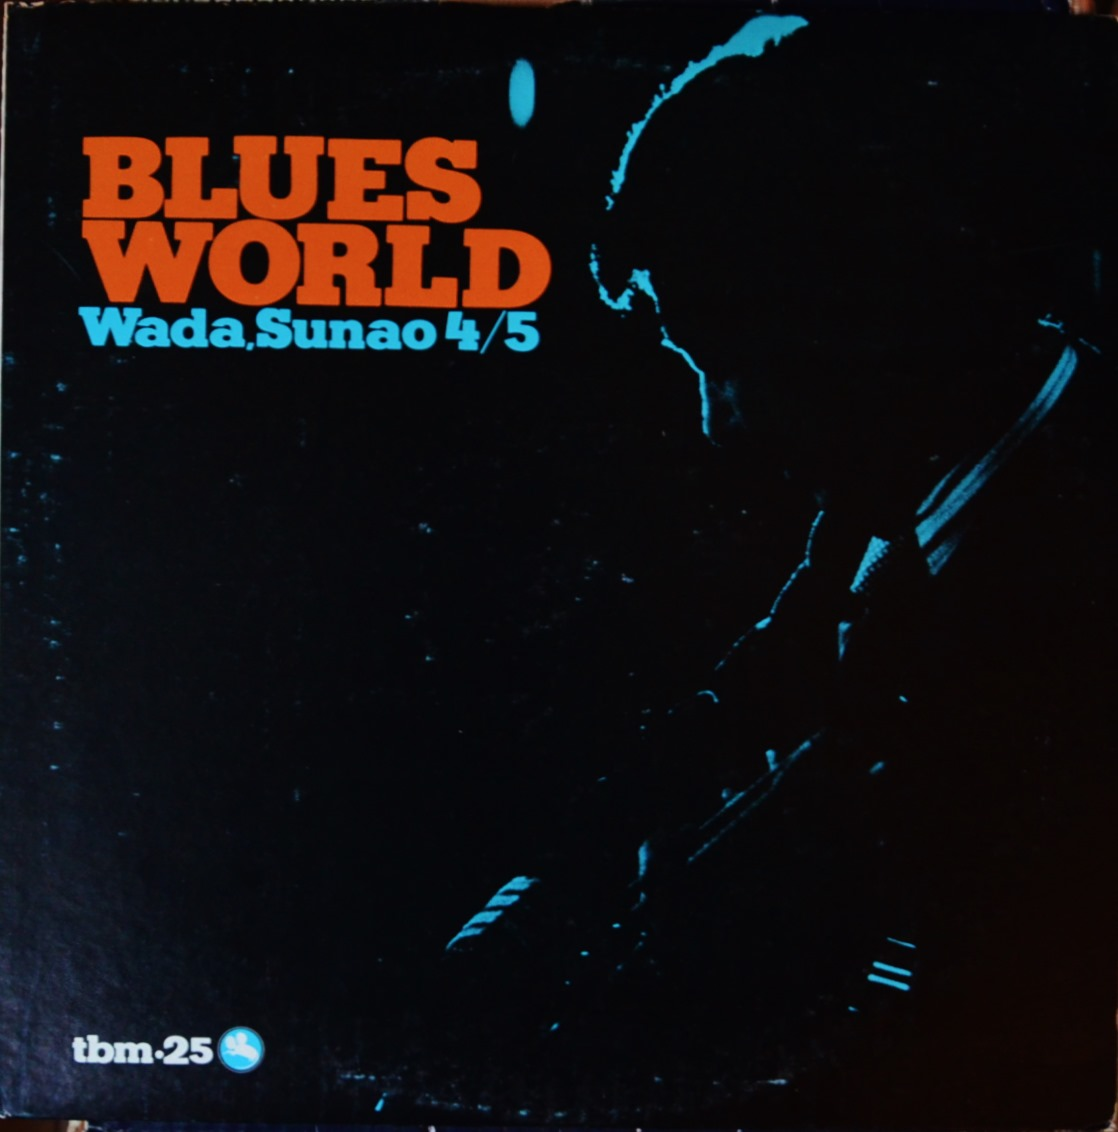 『BLUES WORLD』和田直 四/五重奏団